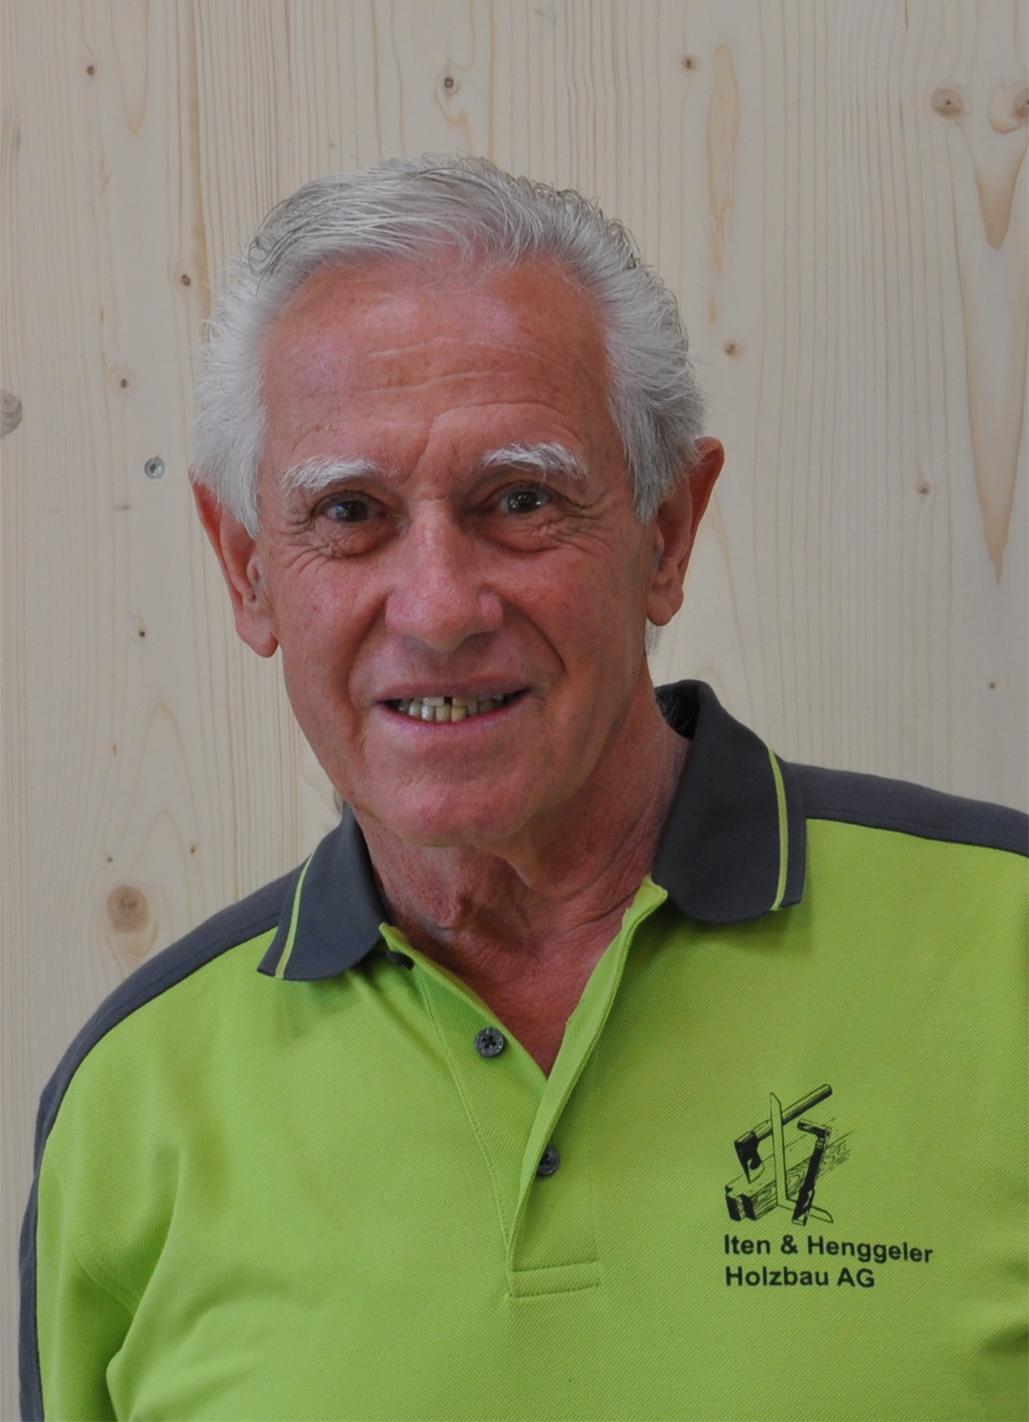 Josef Iten